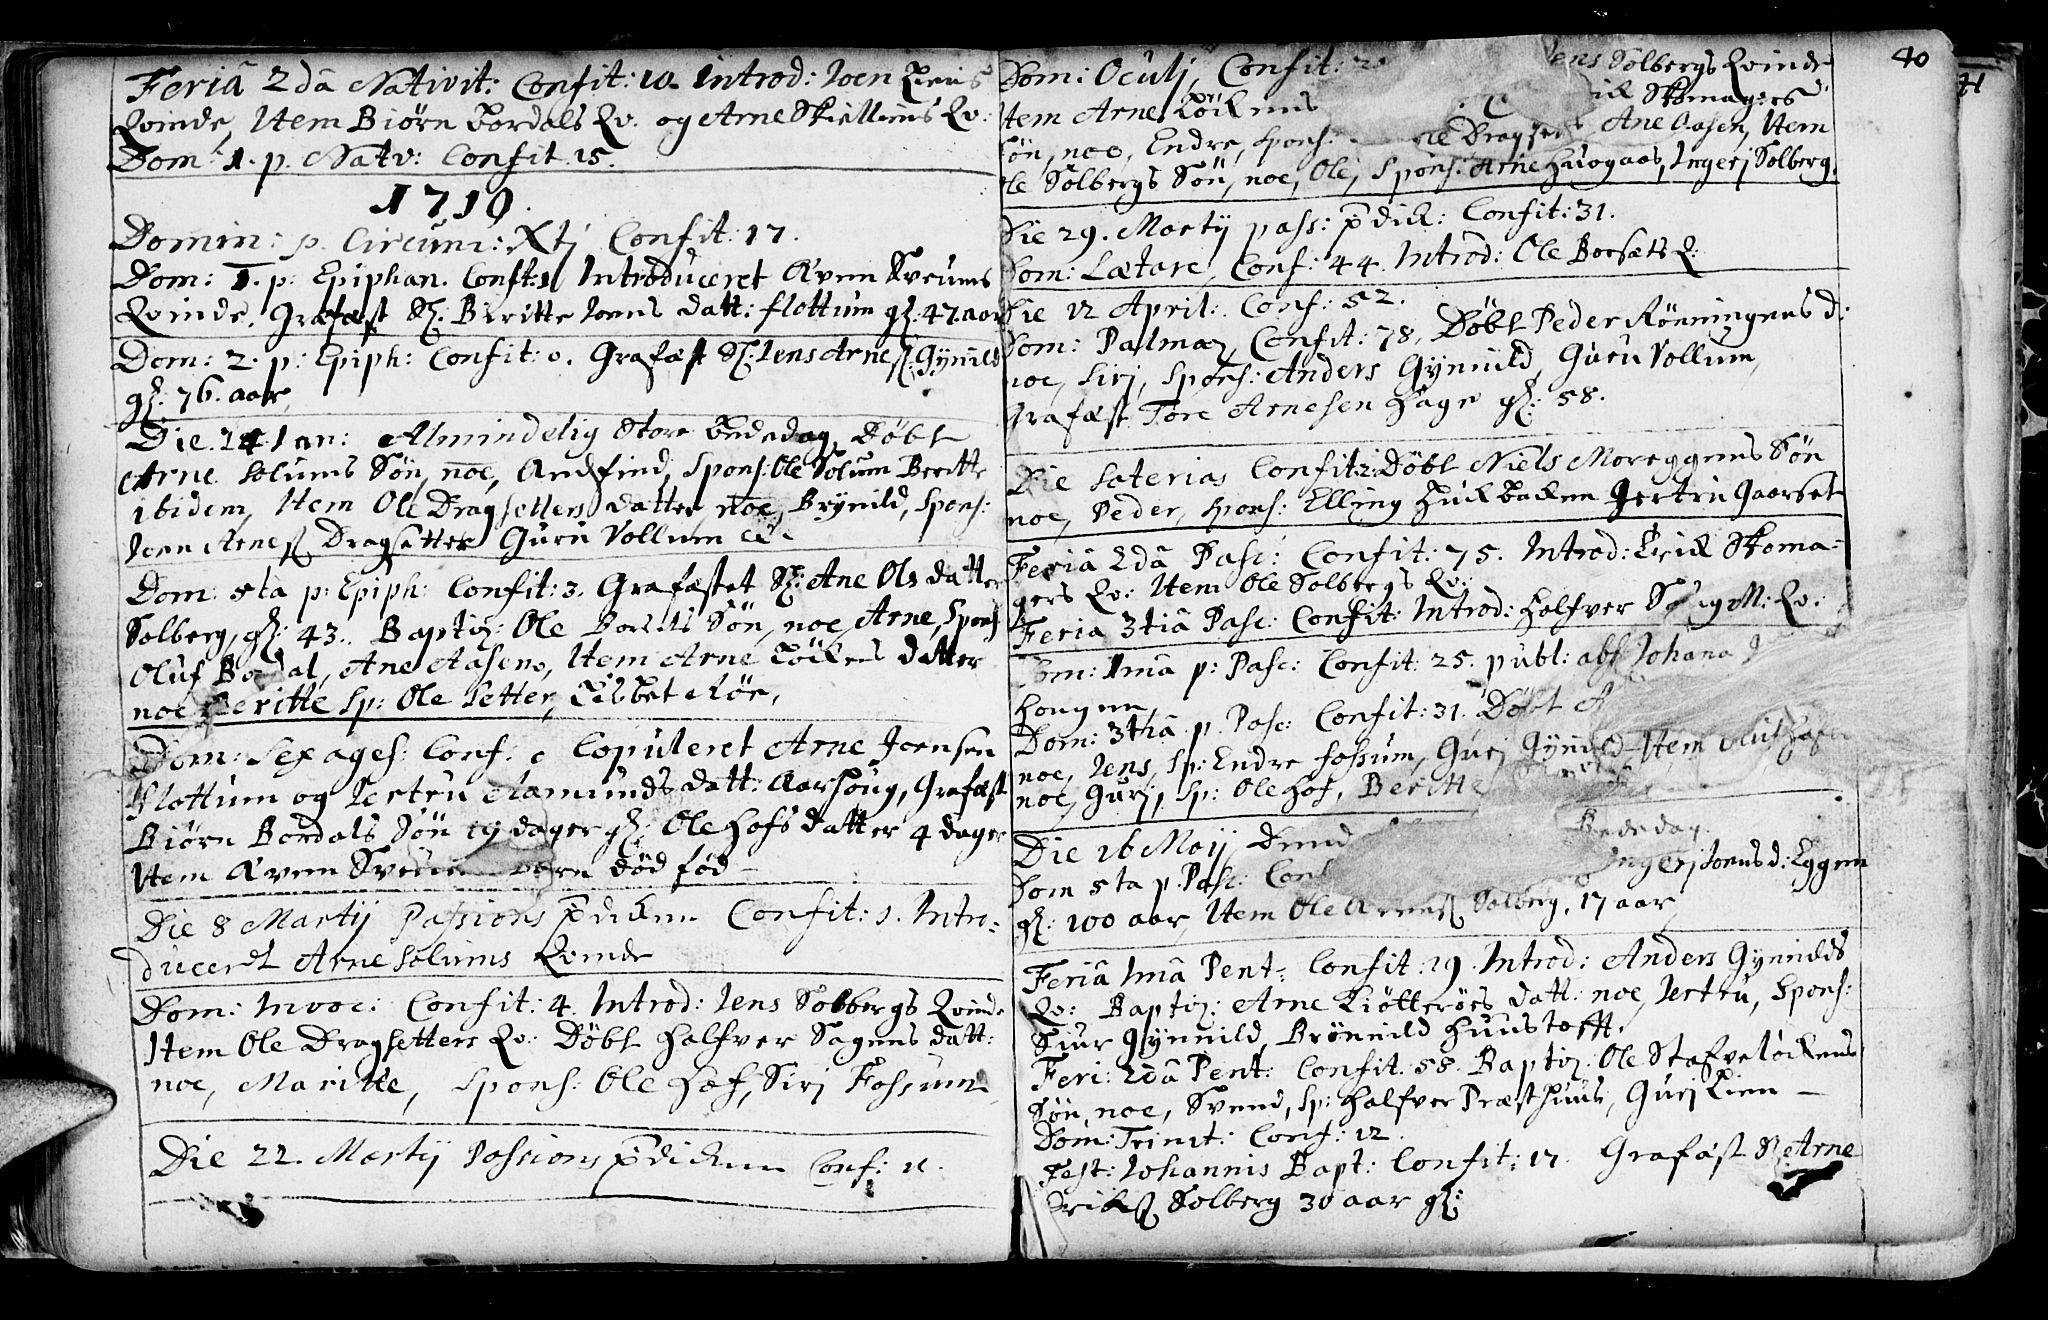 SAT, Ministerialprotokoller, klokkerbøker og fødselsregistre - Sør-Trøndelag, 689/L1036: Ministerialbok nr. 689A01, 1696-1746, s. 40